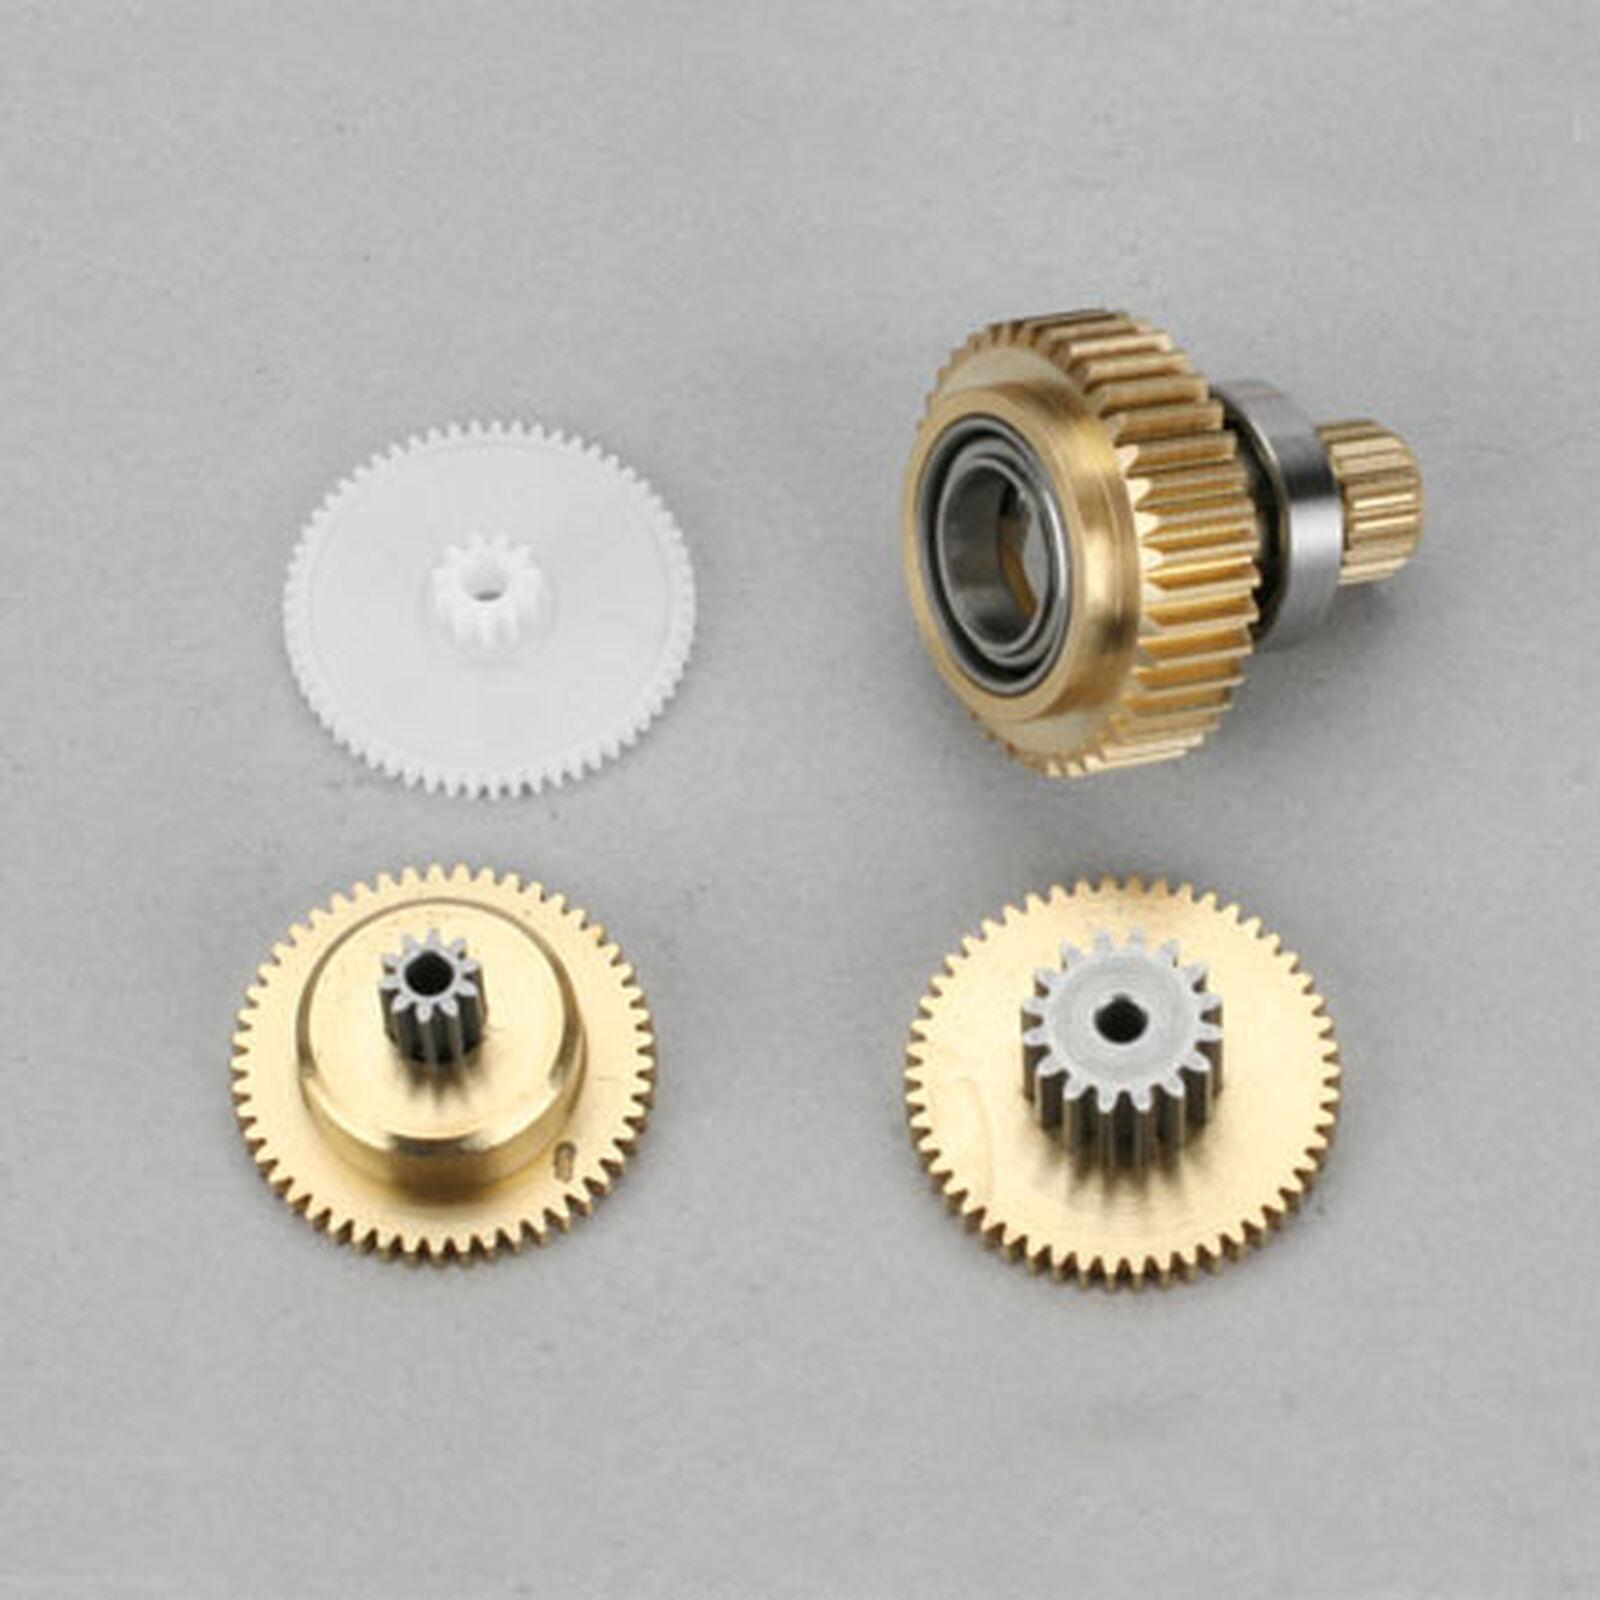 Metal Servo Gear Set: S6010, A6010